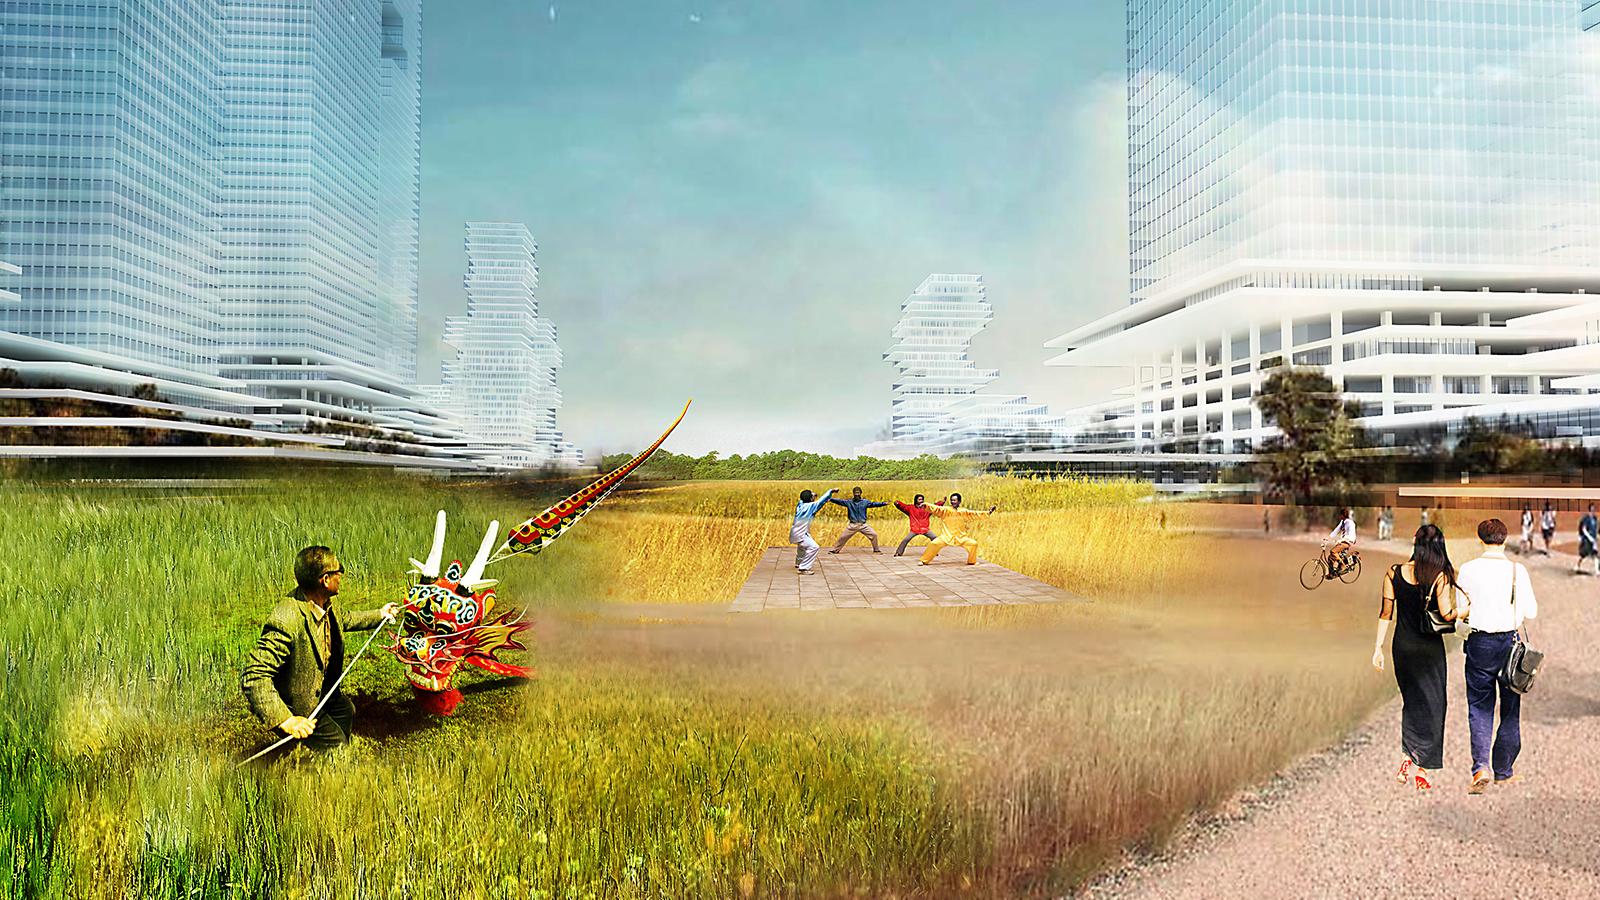 MJZ_Shenzhen (2)